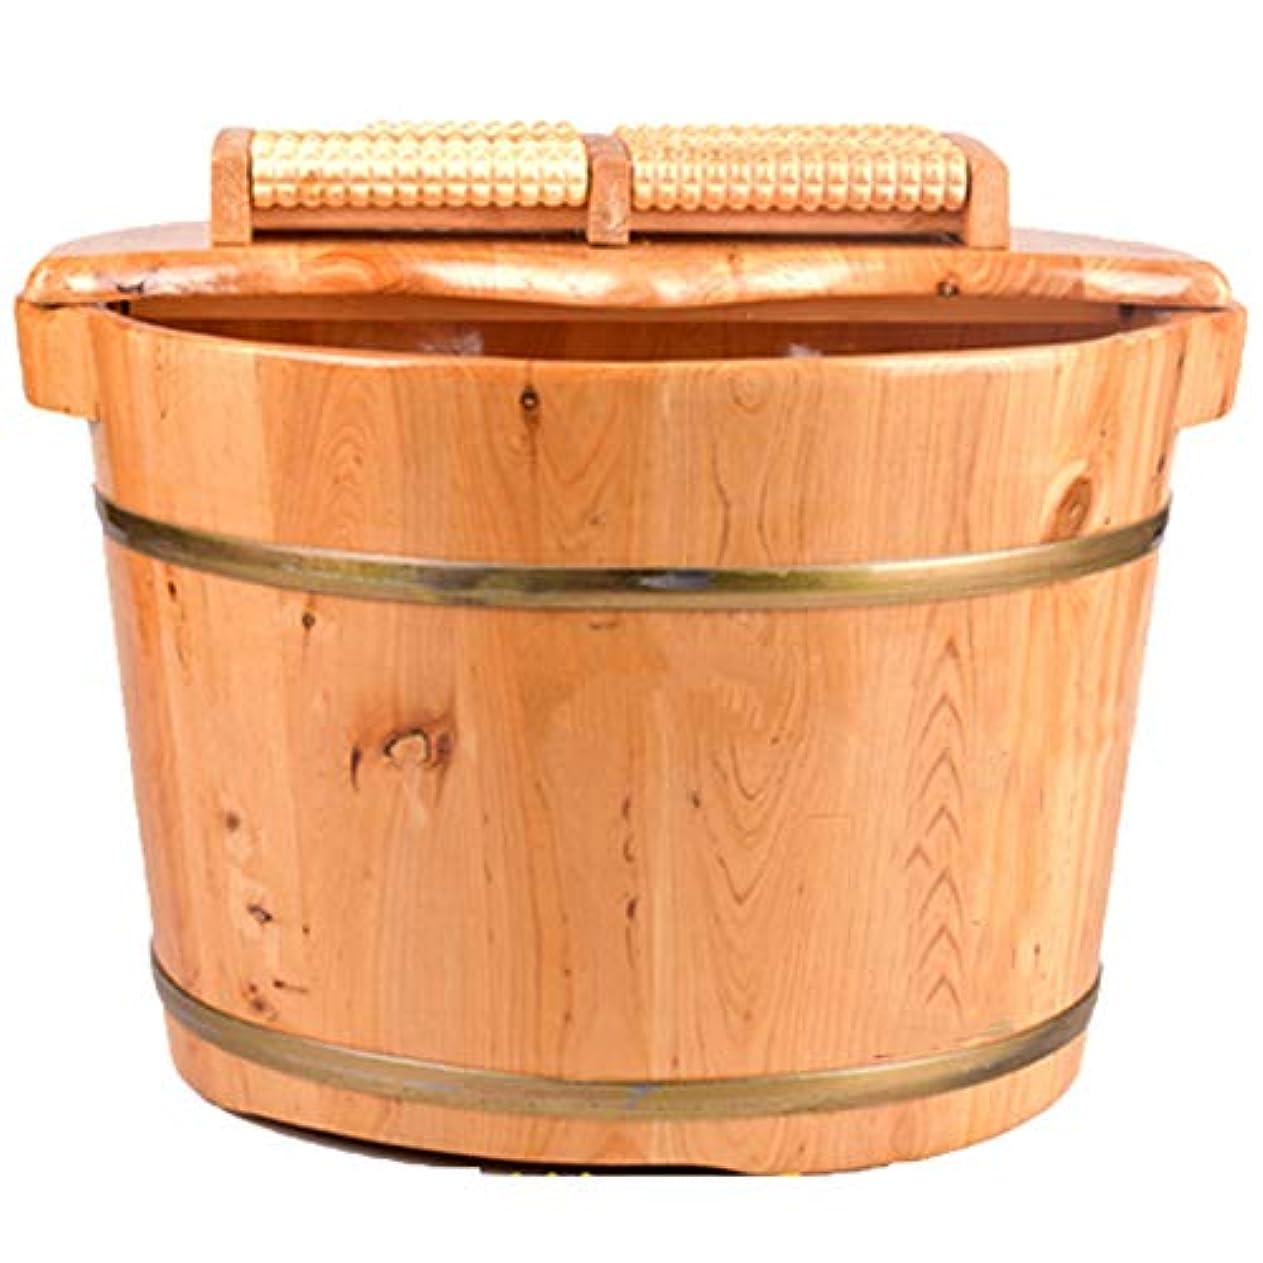 ミケランジェロ大声で高さペディキュア盆地,軽量の木製家庭の木製の樽の足湯バスソリッドウッドの木管大人のトランペット